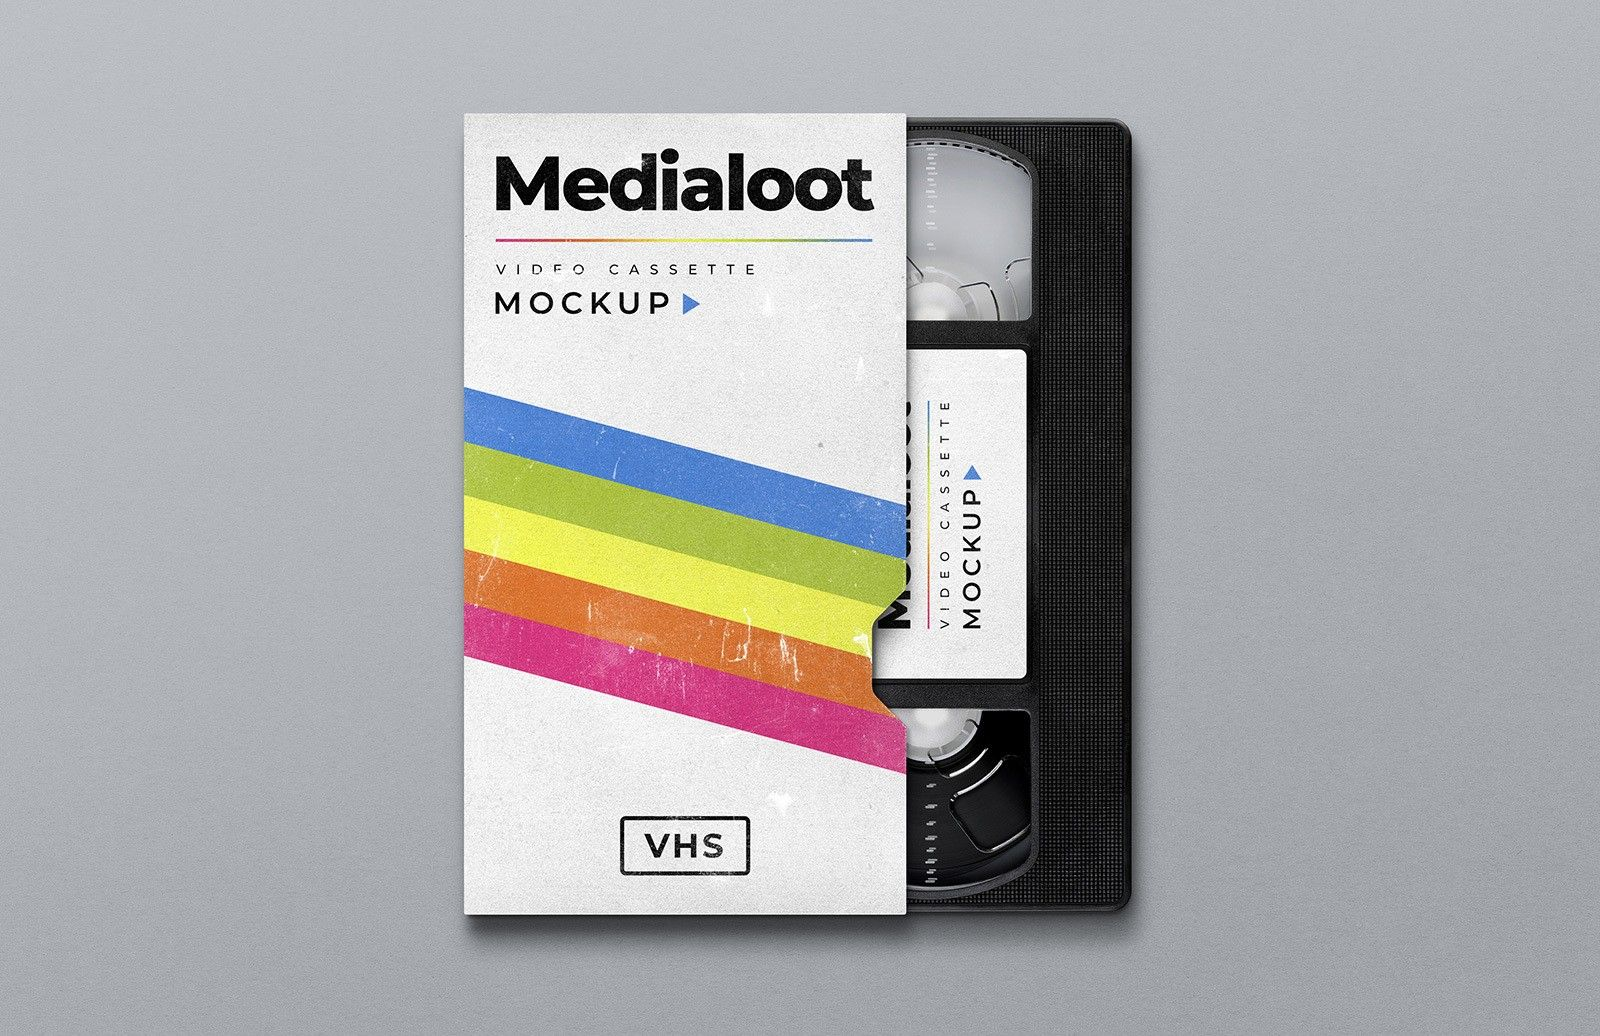 Medialoot Vhs Cassette Cover Mockup Vhs Cassette Vhs Cassette